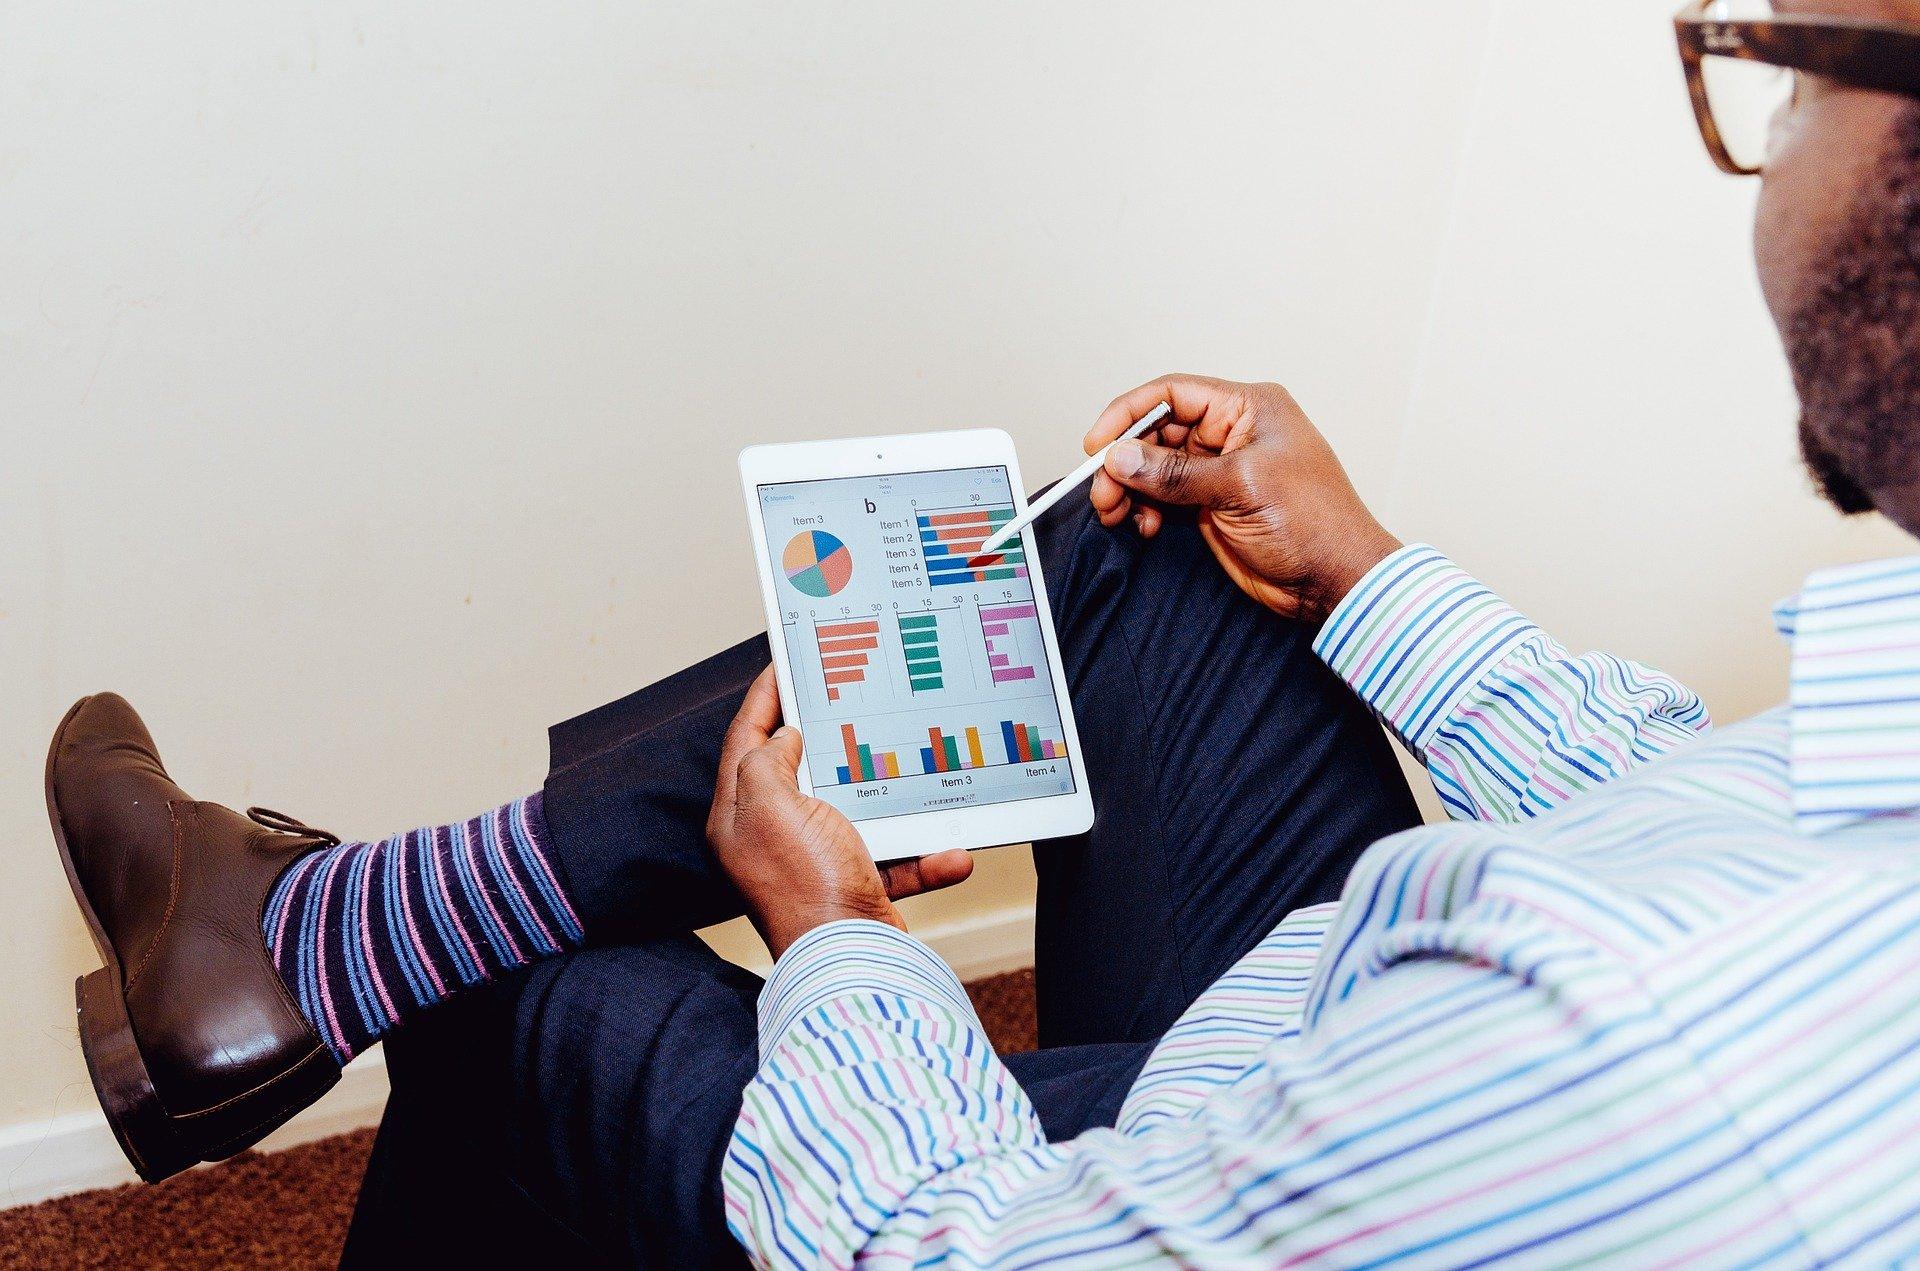 Um homem segura um tablet com alguns gráficos em tela; atendo, enquanto segura uma caneta, ele os analisa (imagem ilustrativa). Texto: melhor negócio para se investir.